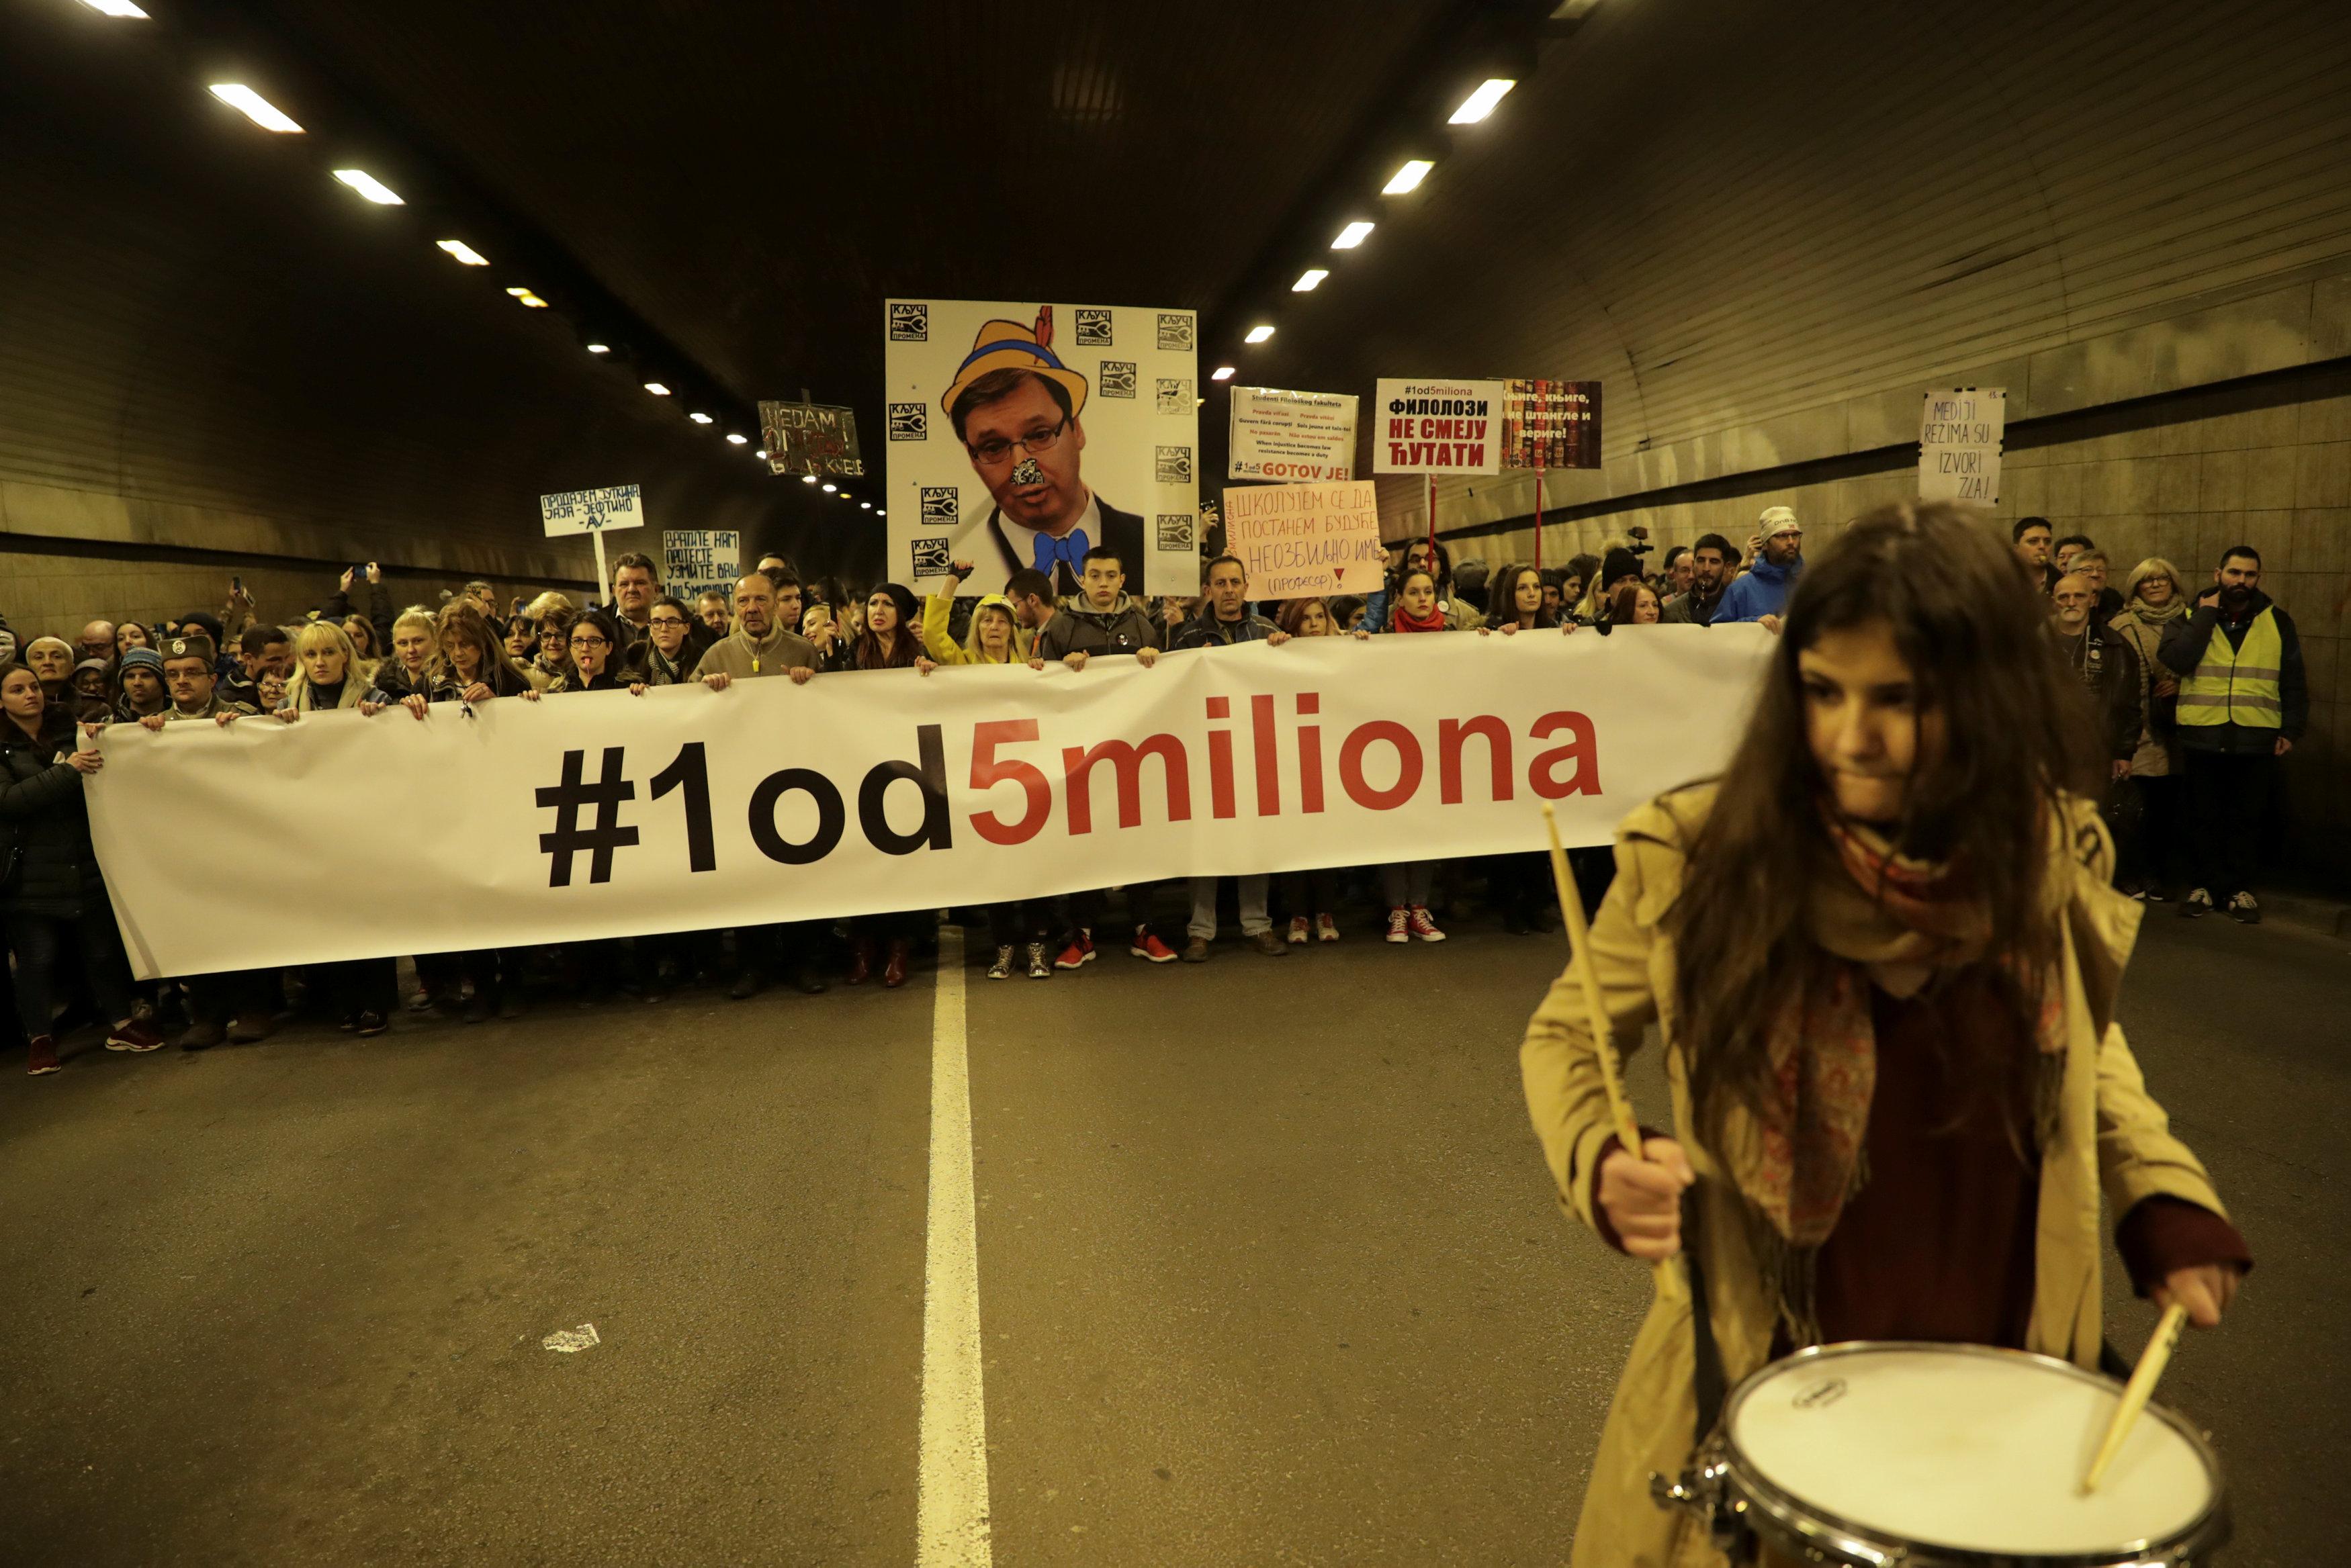 آلاف المتظاهرين يحتشدون فى شوارع بلجراد (6)